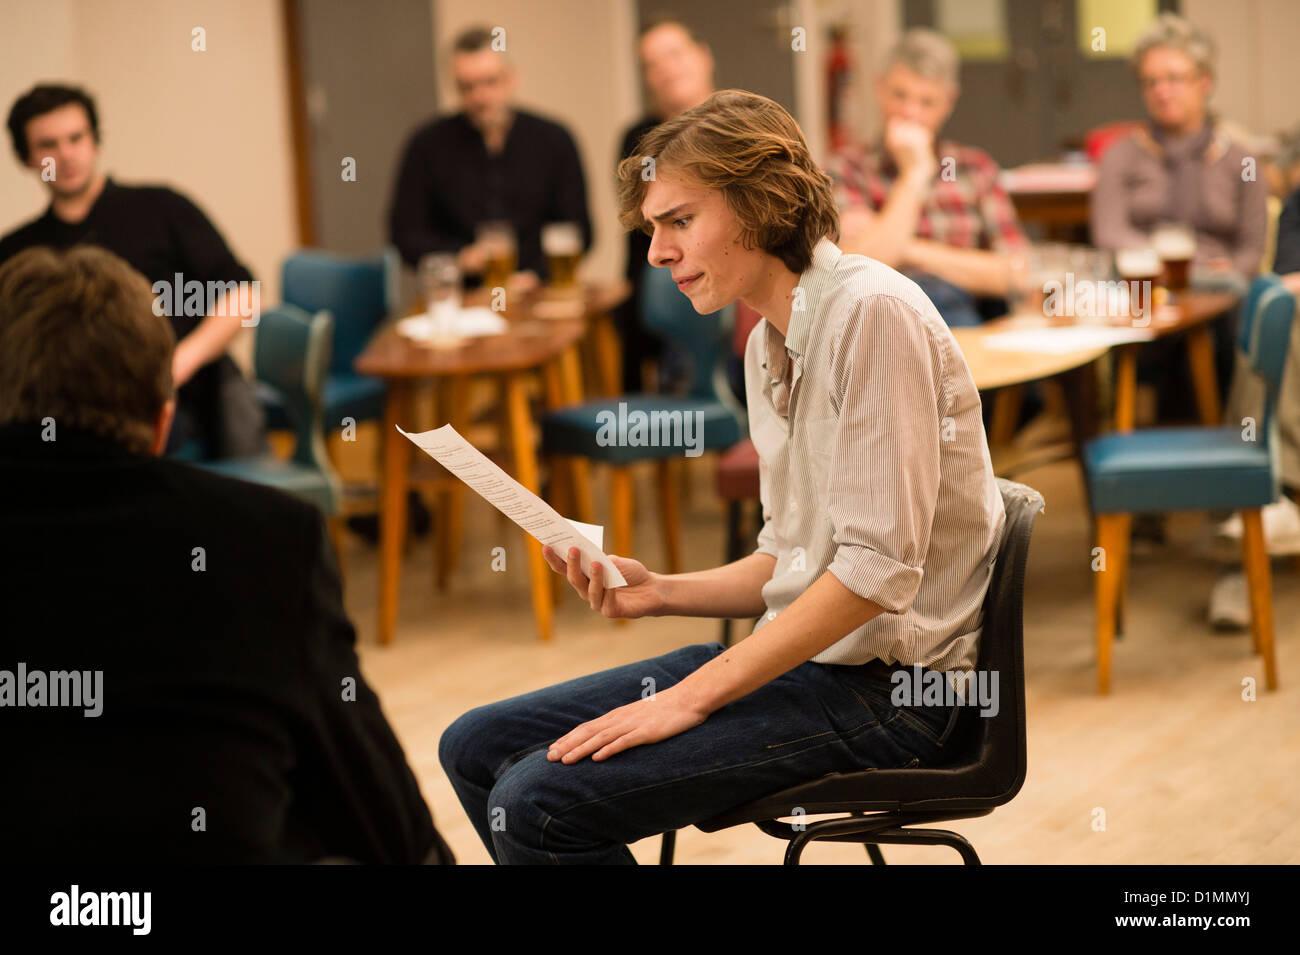 Actores aficionados en un 'script' en mano ensayaba lectura del nuevo teatro taller de escritura, REINO Imagen De Stock